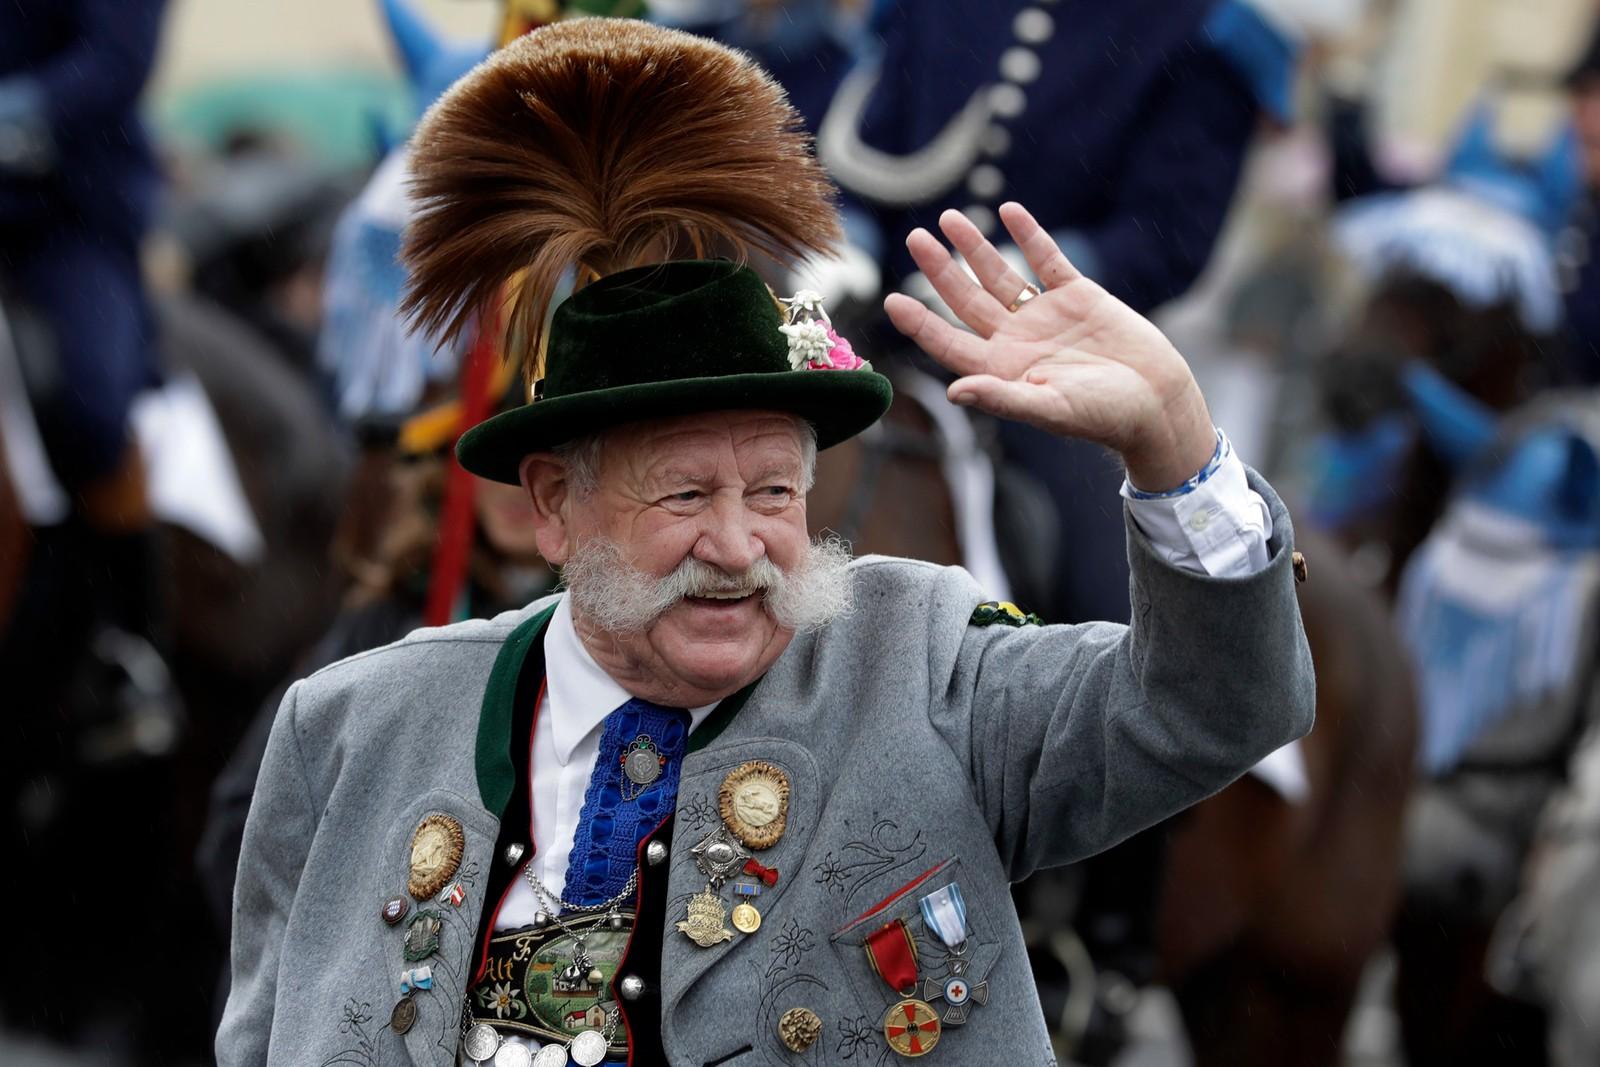 En eldre mann deltok under Oktoberfest-paraden i München 18. september. Dagen før gikk startskuddet for den tradisjonsrike tyske ølfestivalen, som blir arrangert for 183. gang. Oktoberfest i München arrangeres fra 17. september til 3. oktober.